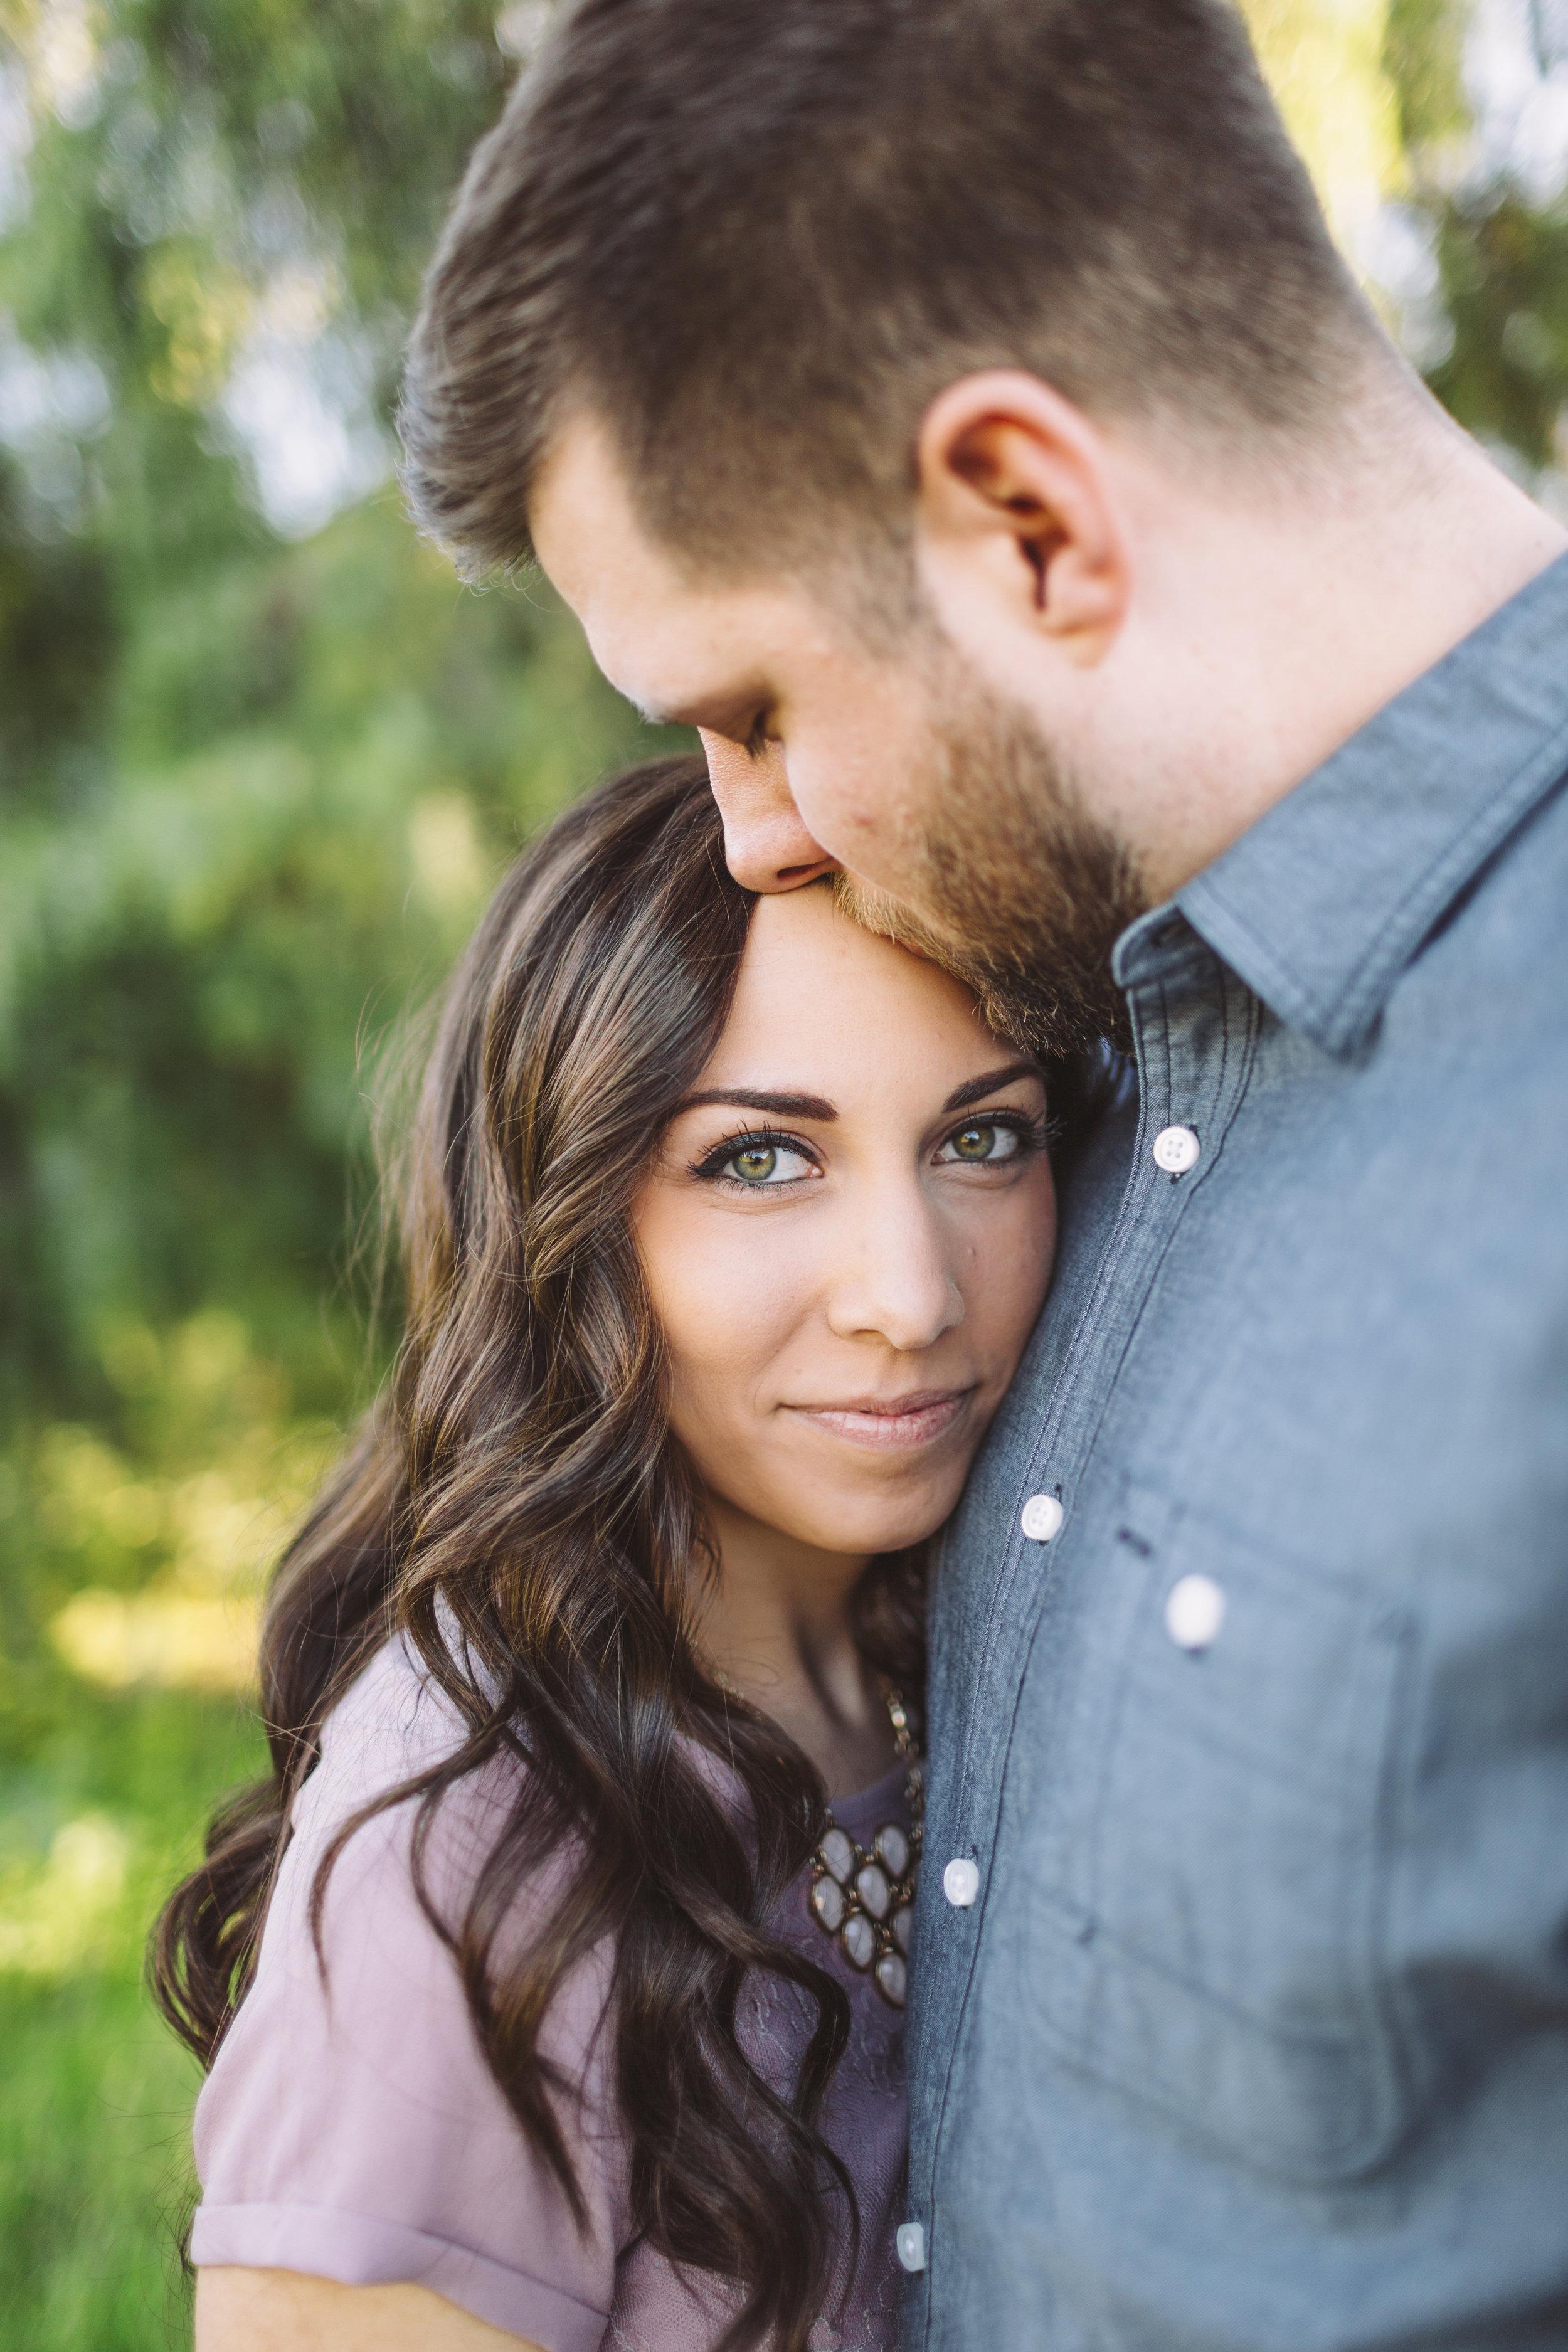 blake og holly dating